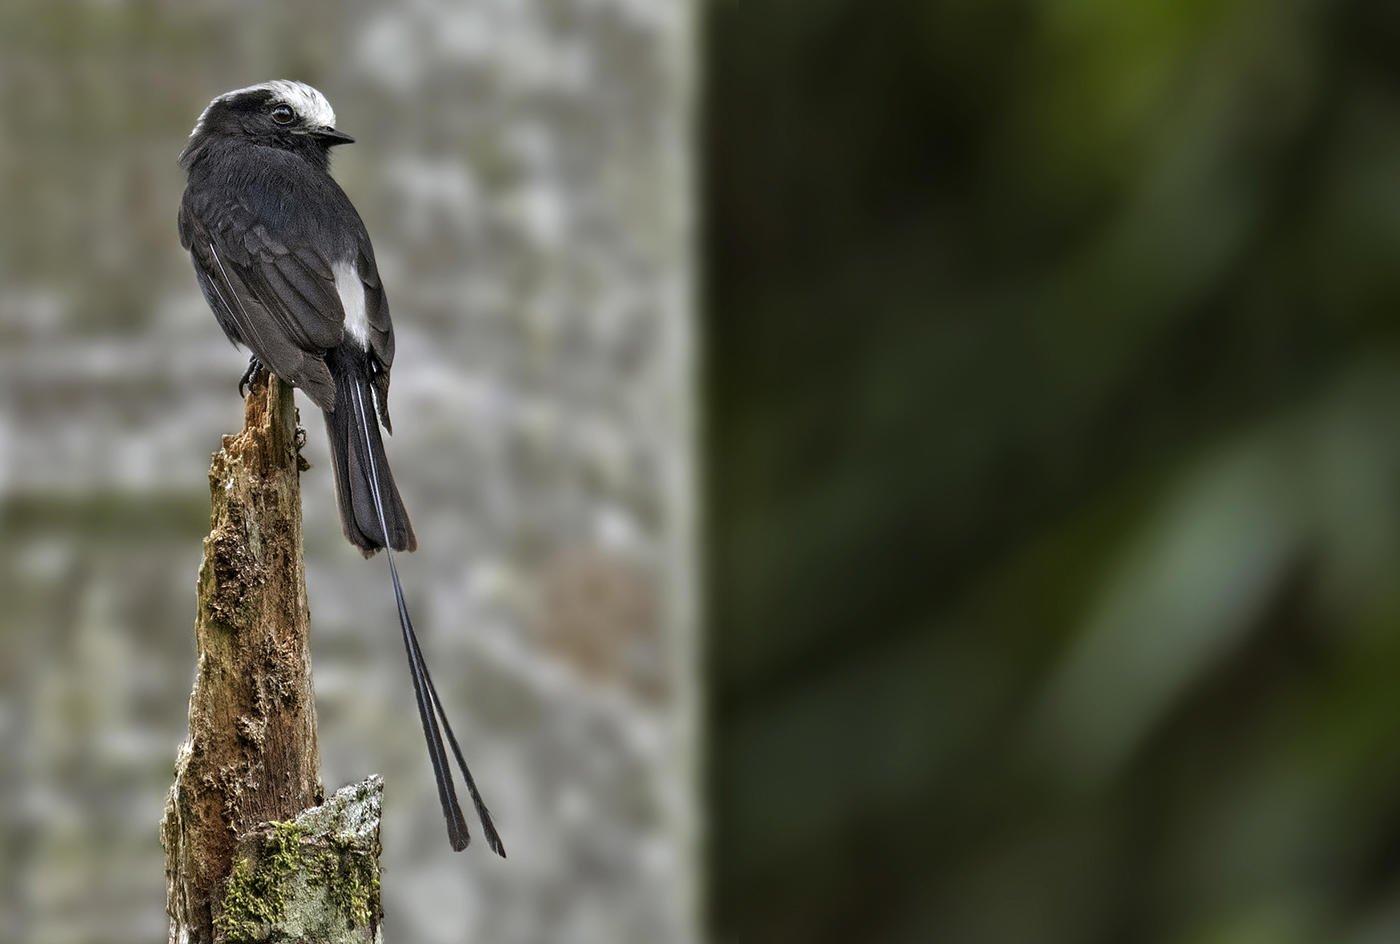 Mosquero colilargo (Long-tailed Tyrant) (Salvador Solé Soriano)